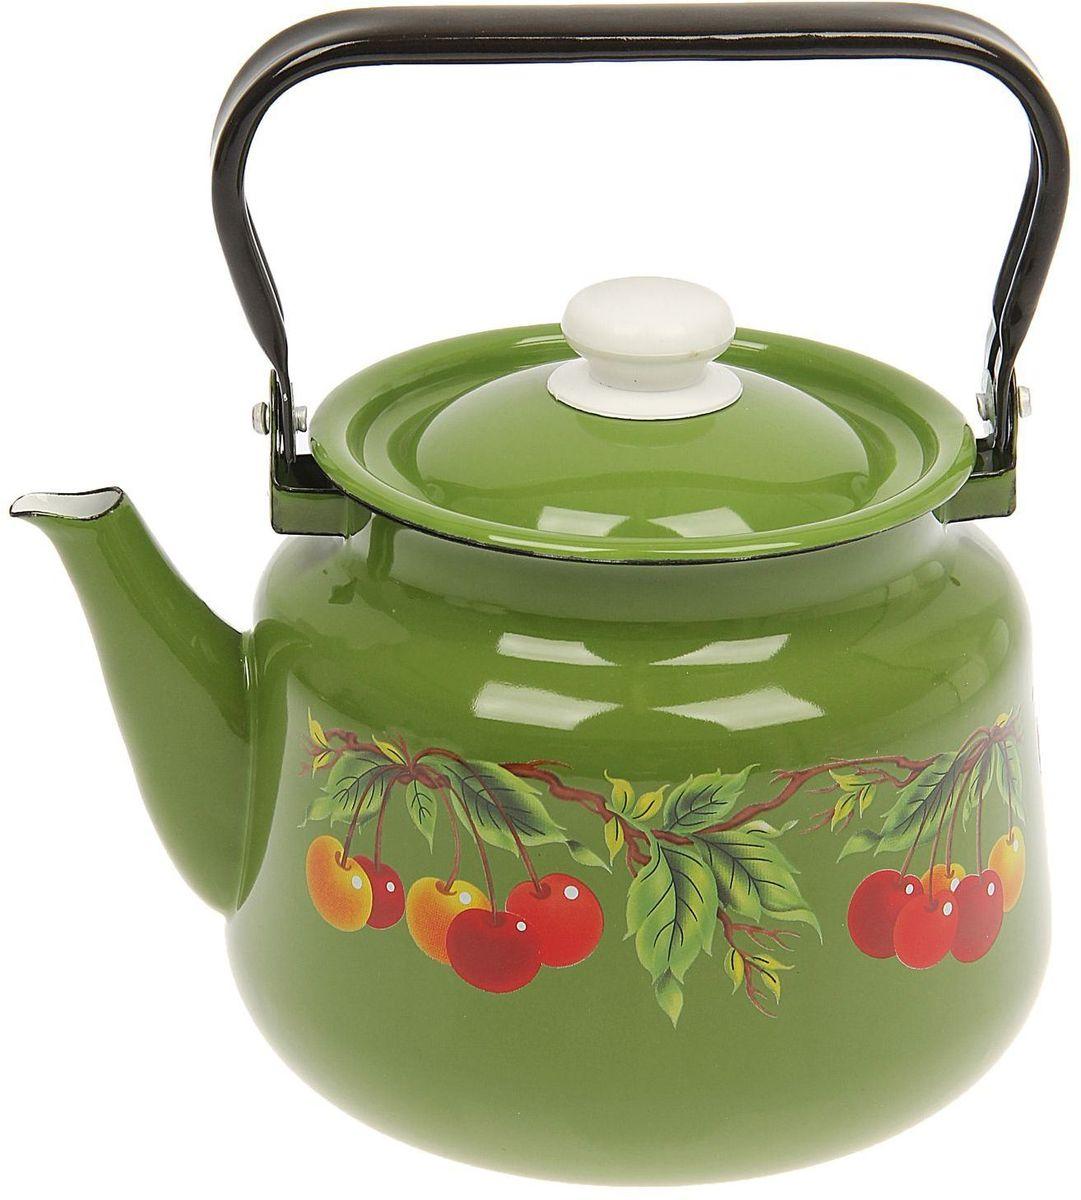 Чайник эмалированный Epos Зеленая вишня, 3,5 л94672Чайник Epos Зеленая вишня выполнен из высококачественной стали с эмалированным покрытием. Поверхность чайникагладкая, что облегчает уход за ним. Большой объемпозволит приготовить напиток для всей семьи илинебольшой компании. Эстетичный и функциональный чайник будеторигинально смотреться в любом интерьере. Душевная атмосфера и со вкусом накрытый стол всегда будут собирать в вашем доме близких и друзей.Чайник подходит для использования на всех типах плит,включая индукционные. Объем: 3,5 л.